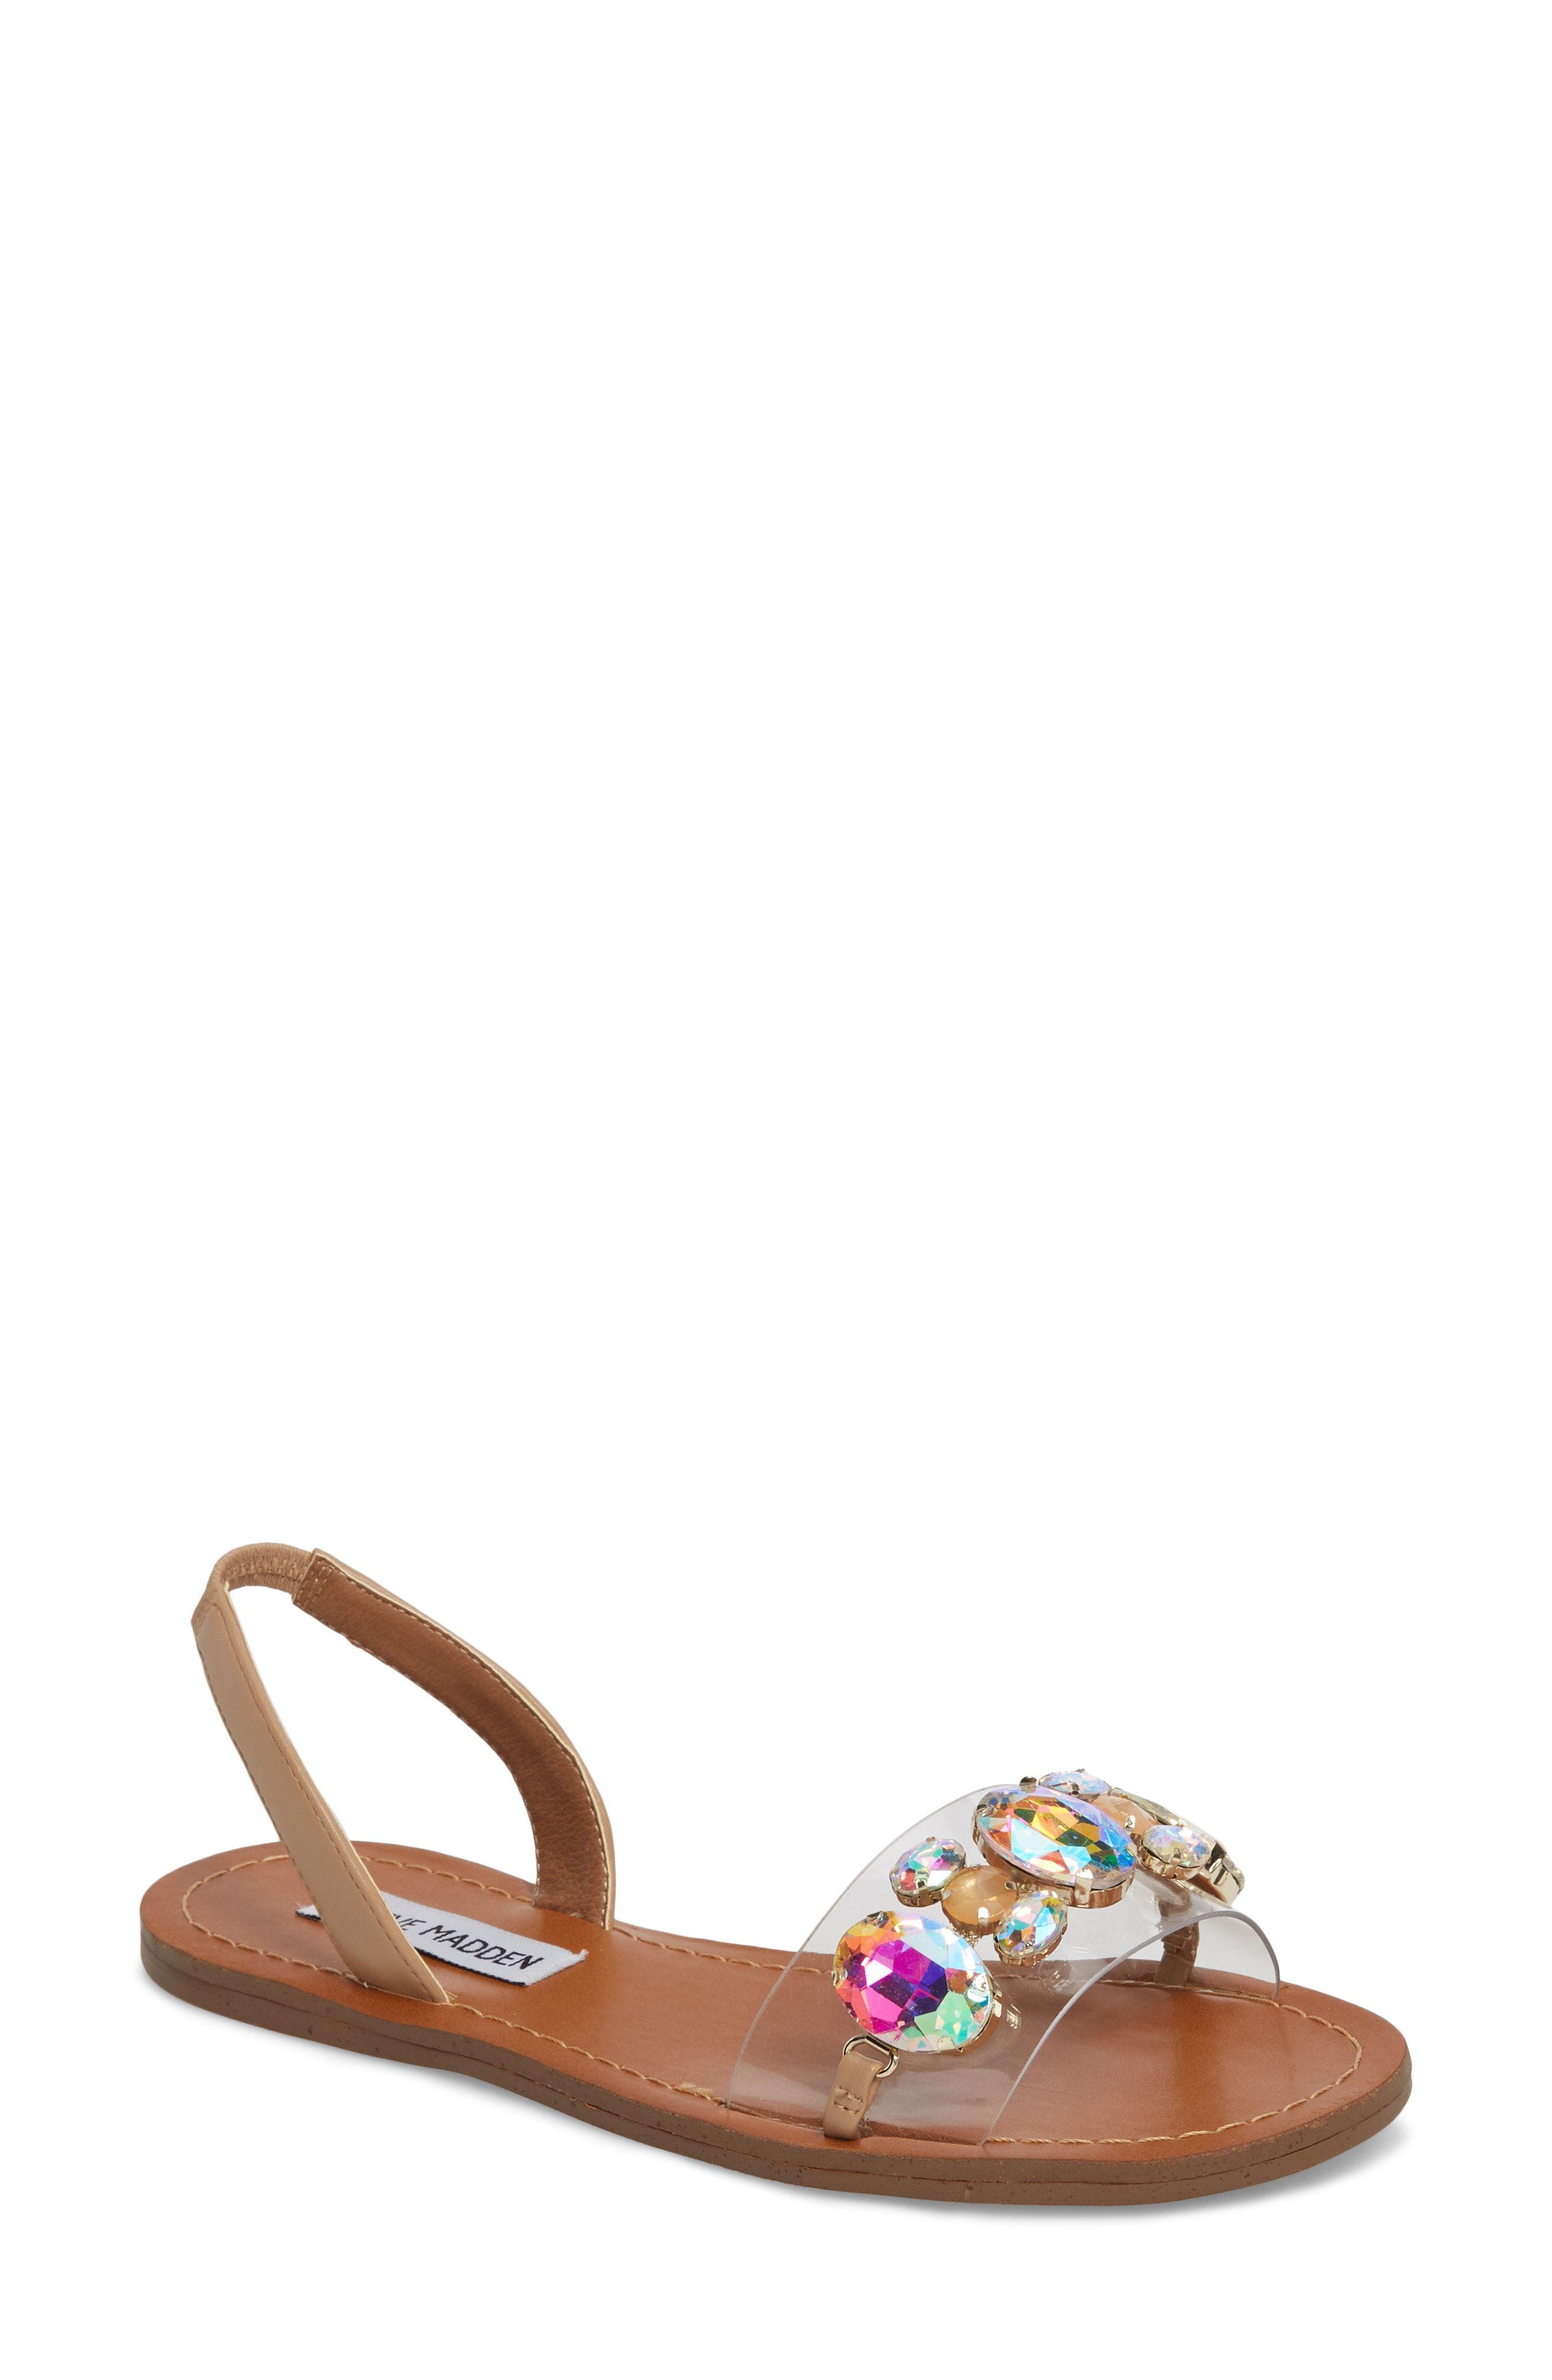 1b540e6a1af Steve Madden Alice Crystal Embellished Sandal available at  Nordstrom